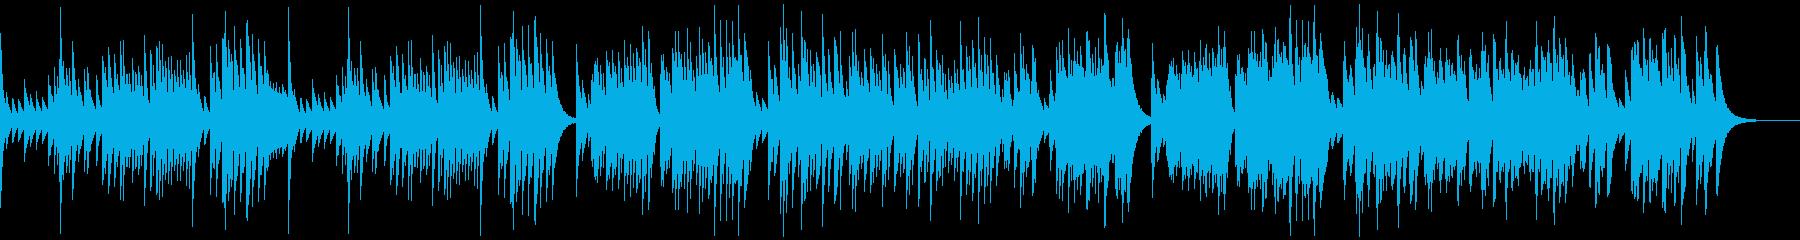 G線上のアリア オルゴールの再生済みの波形